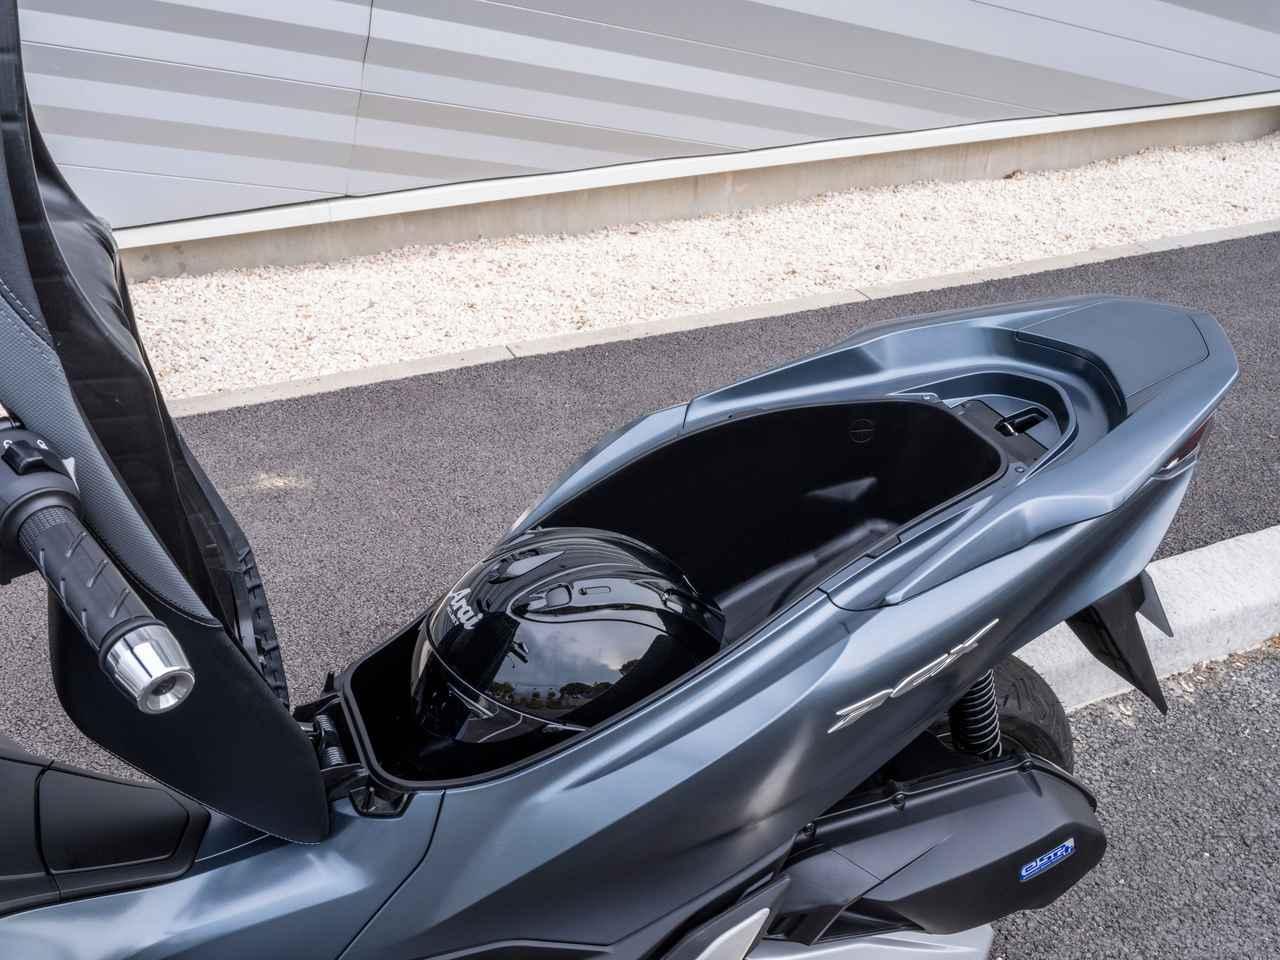 画像7: 新型PCX125は、スタイリング、フレーム、エンジンなどあらゆる部分が進化